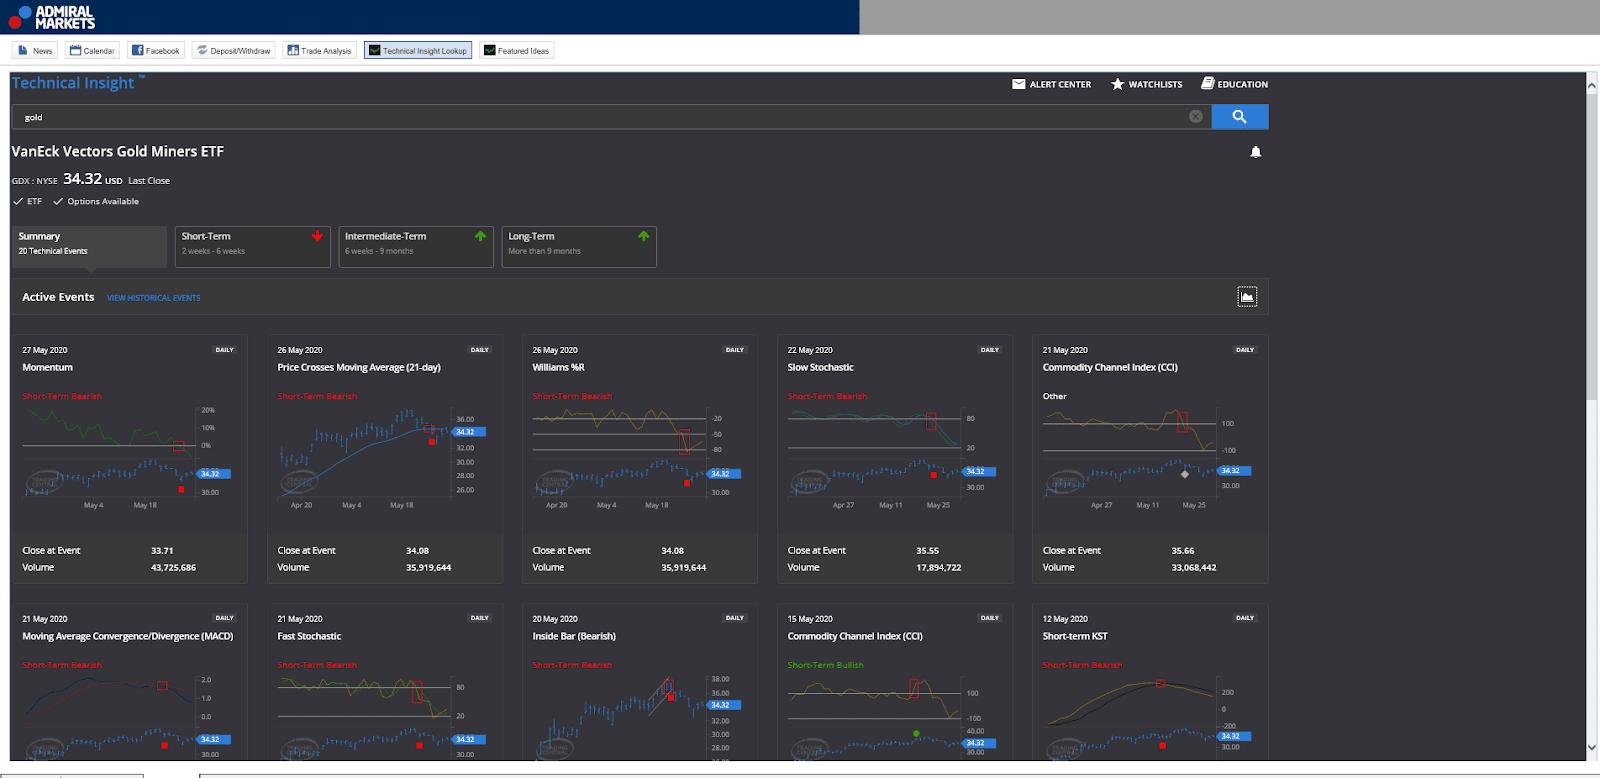 Sử dụng chiến lược hedge fund với chỉ báo kỹ thuật của Technical Insight Lookup